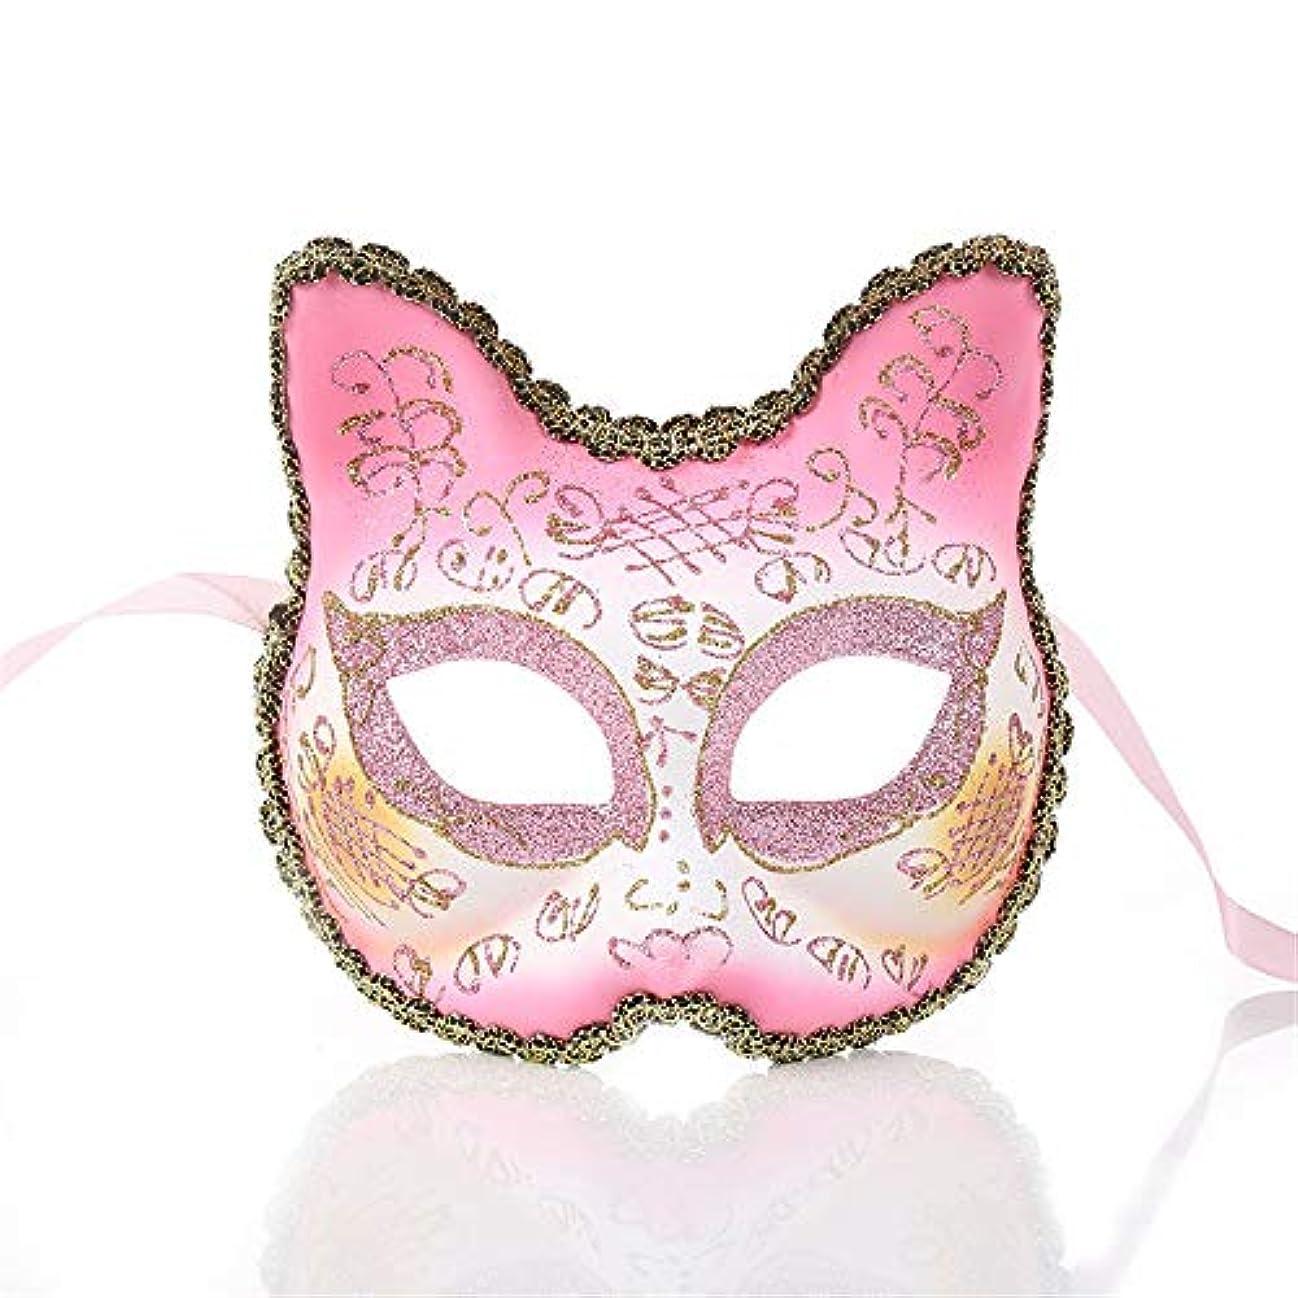 眉をひそめる連邦再現するダンスマスク ワイルドマスカレードロールプレイングパーティーの小道具ナイトクラブのマスクの雰囲気クリスマスフェスティバルロールプレイングプラスチックマスク ホリデーパーティー用品 (色 : ピンク, サイズ : 13x13cm)